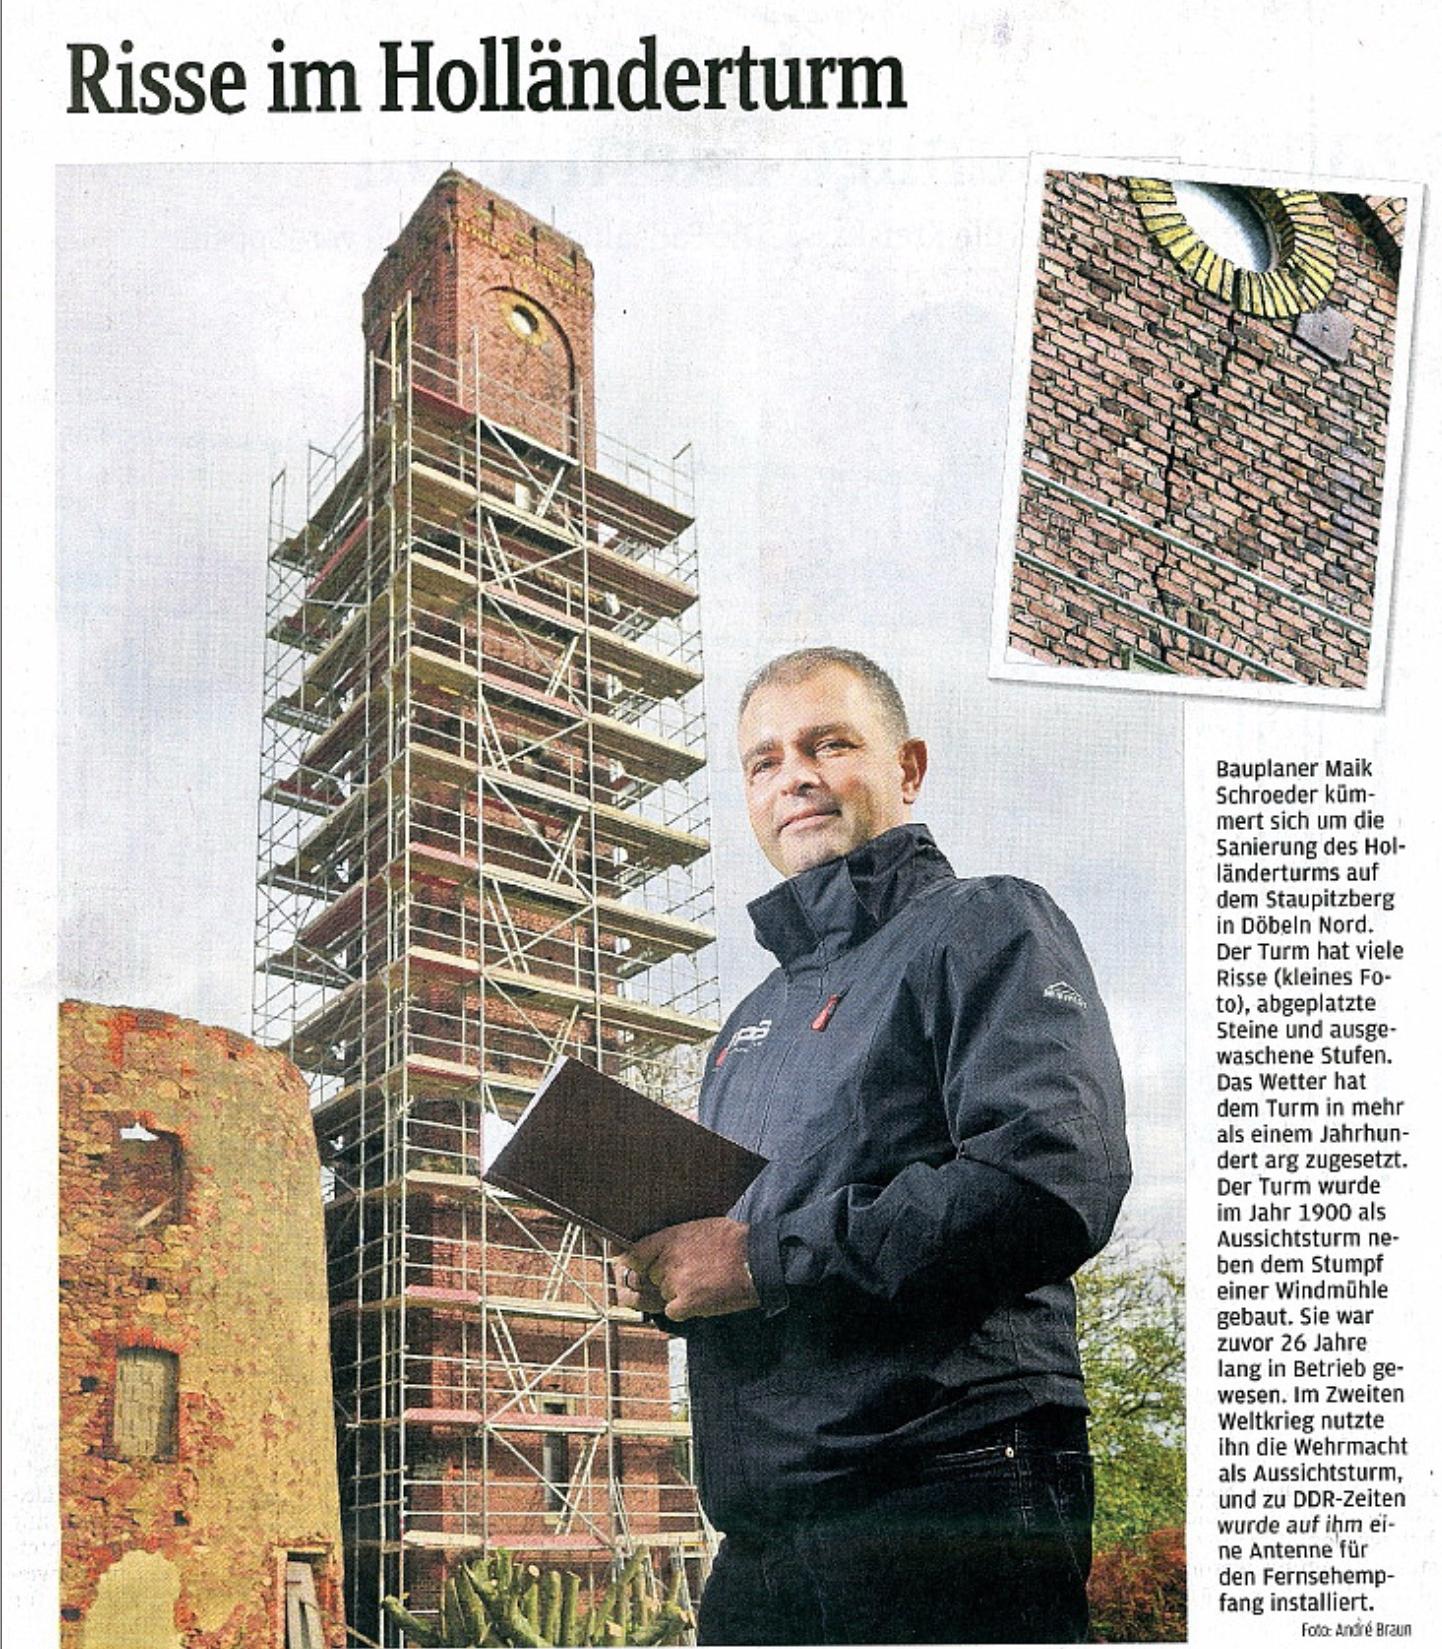 Döbelner Anzeiger 12.10.2017 - Holländerturm_BPS architektur